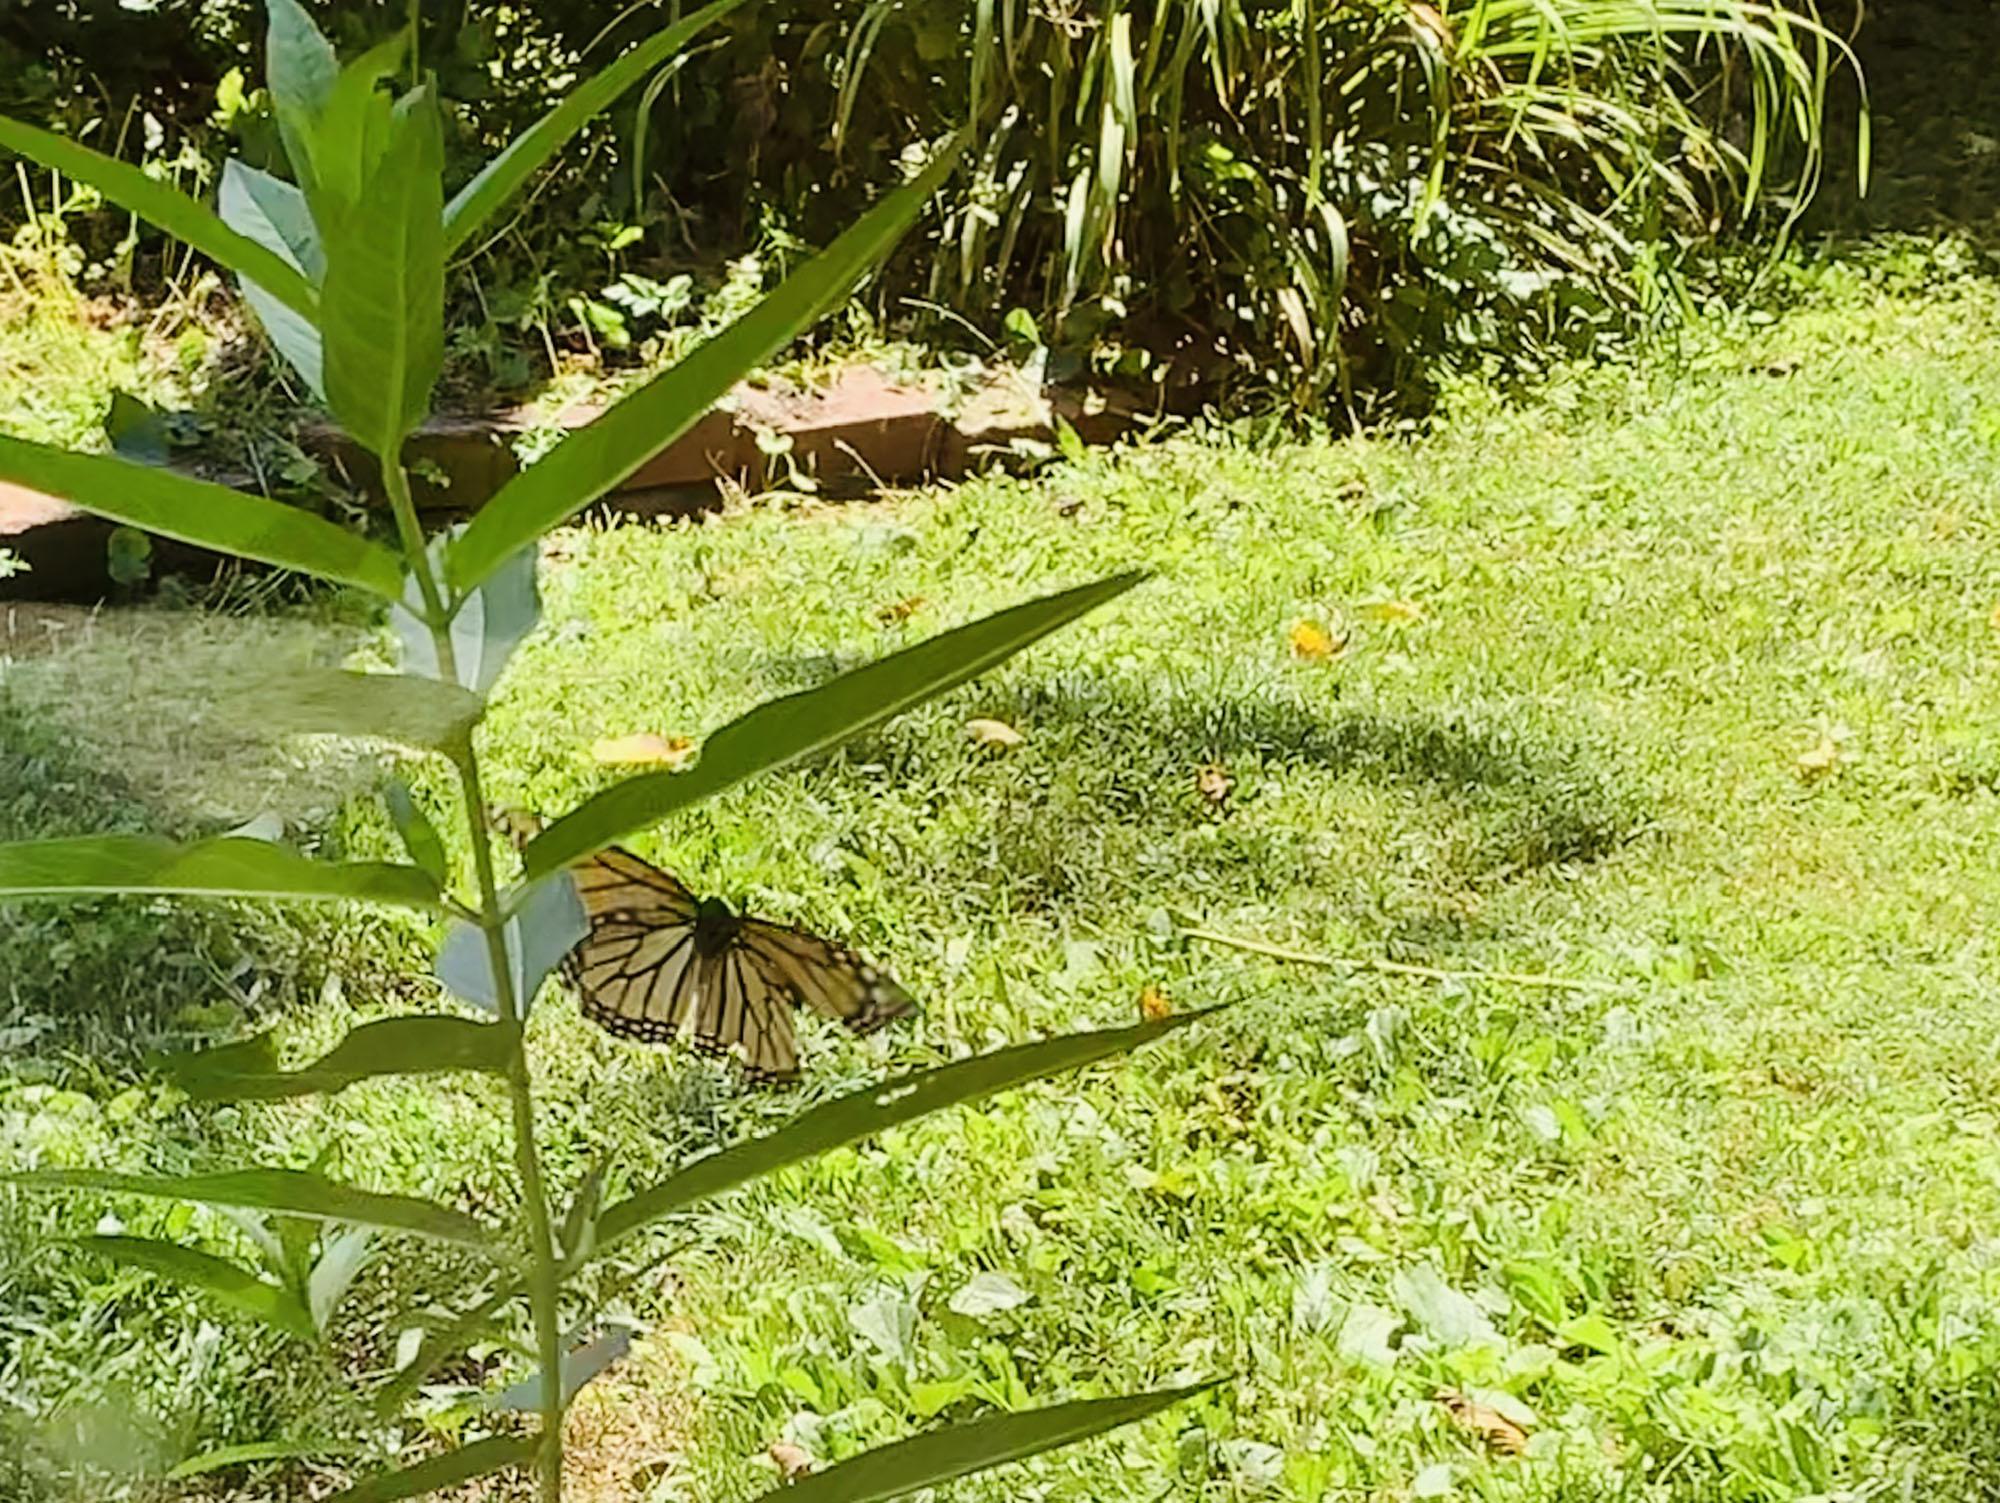 8-16 w-wildlife-butterfly Degnan.jpeg